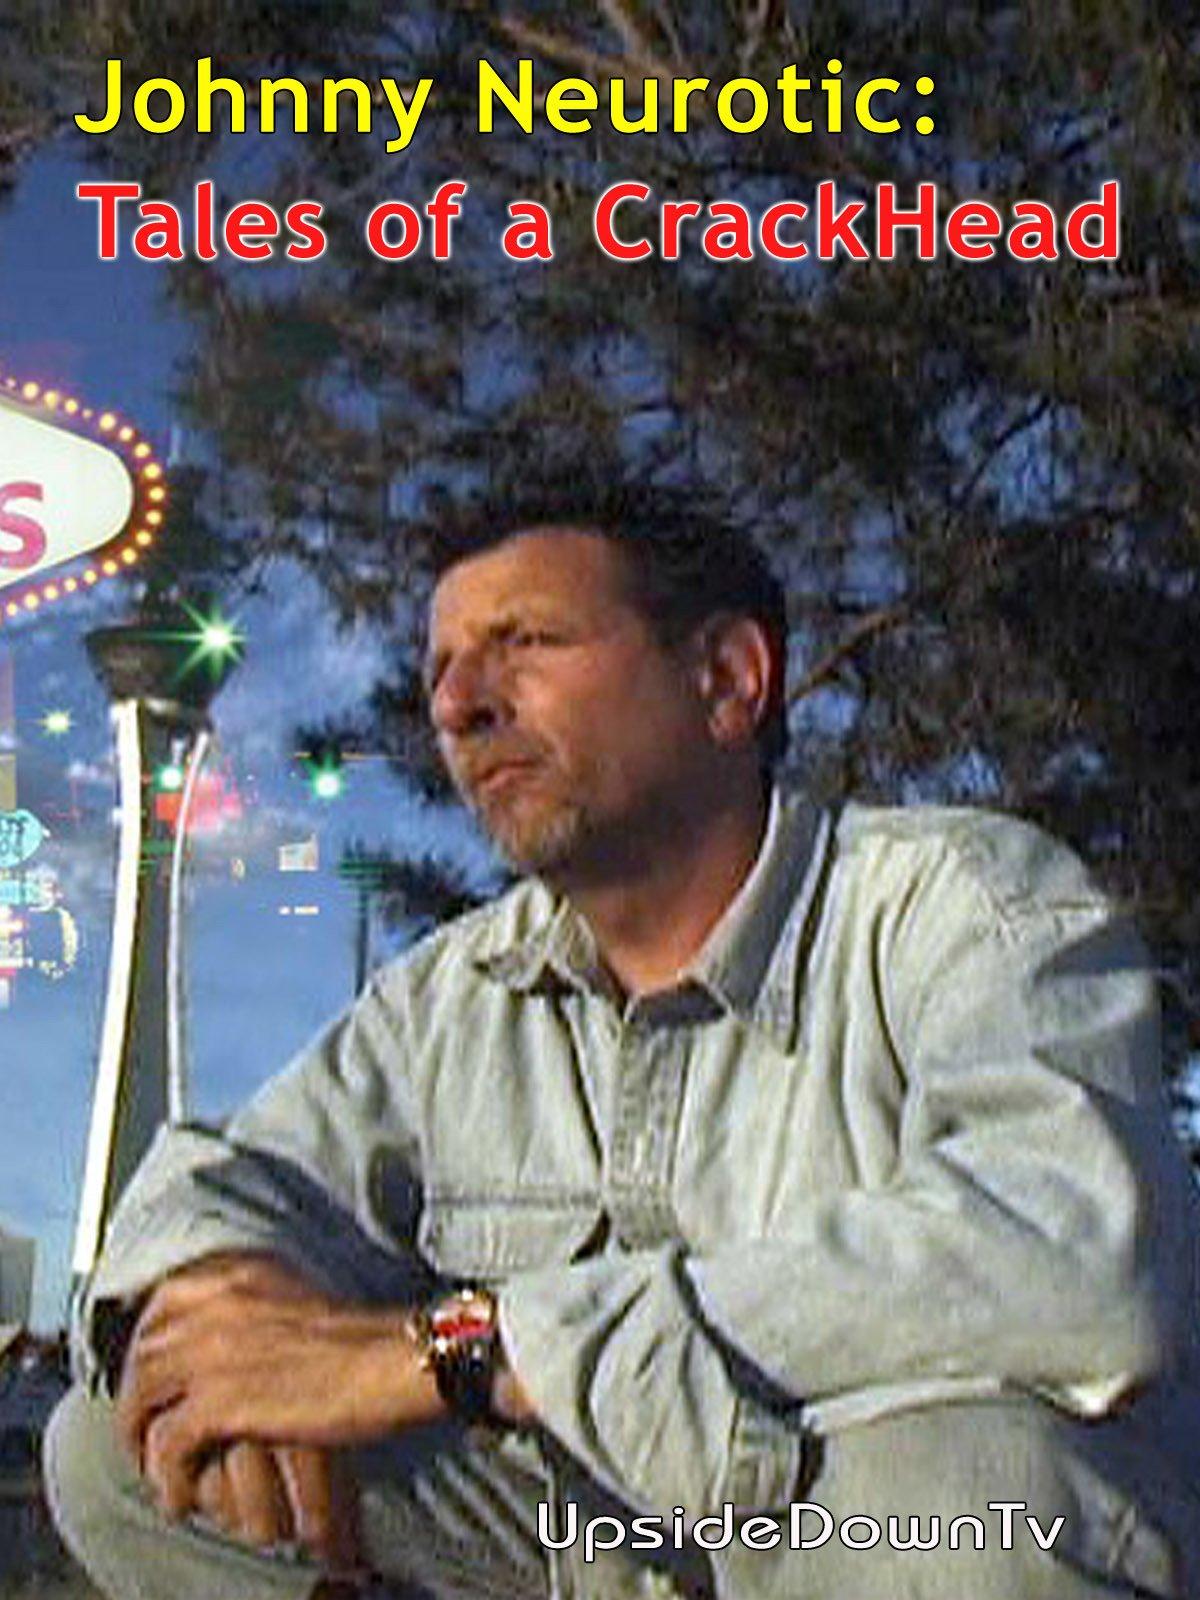 Johnny Neurotic: Tales of a Crackhead